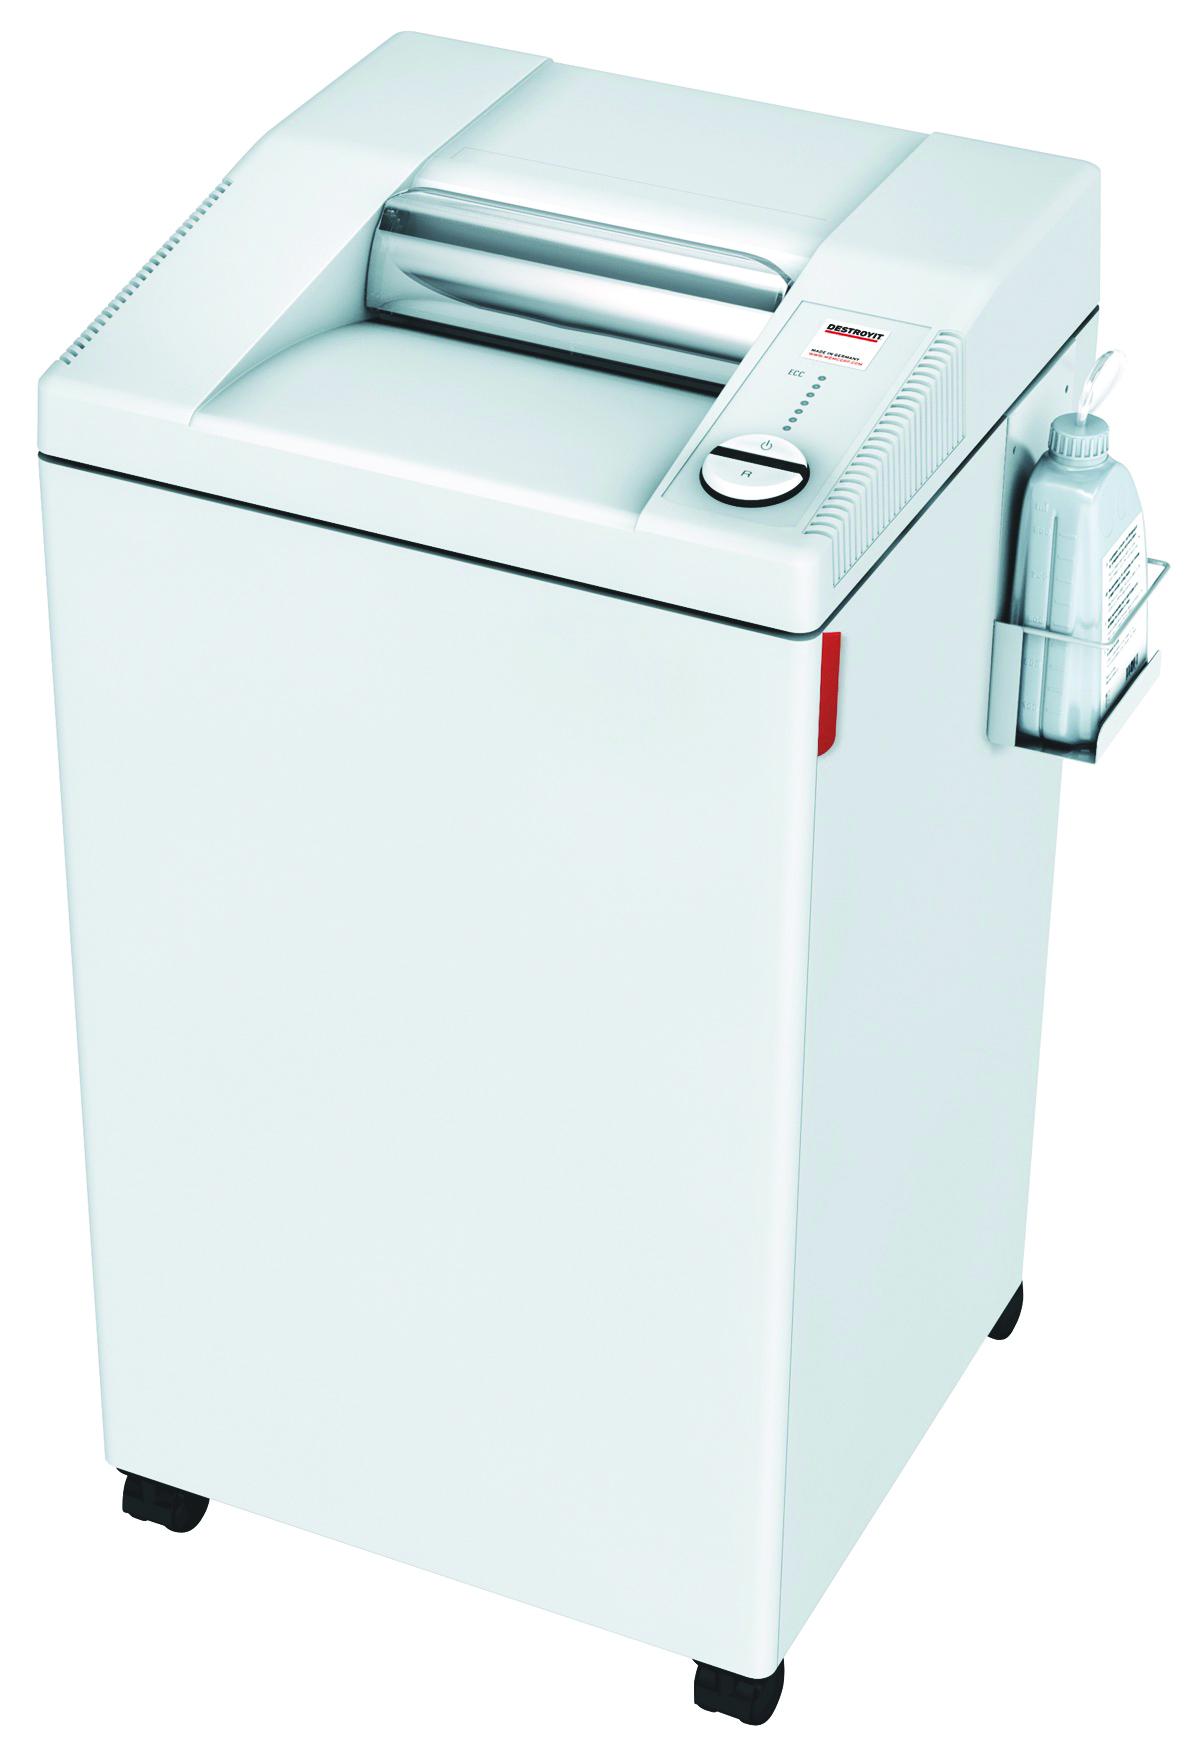 Sharp copier support